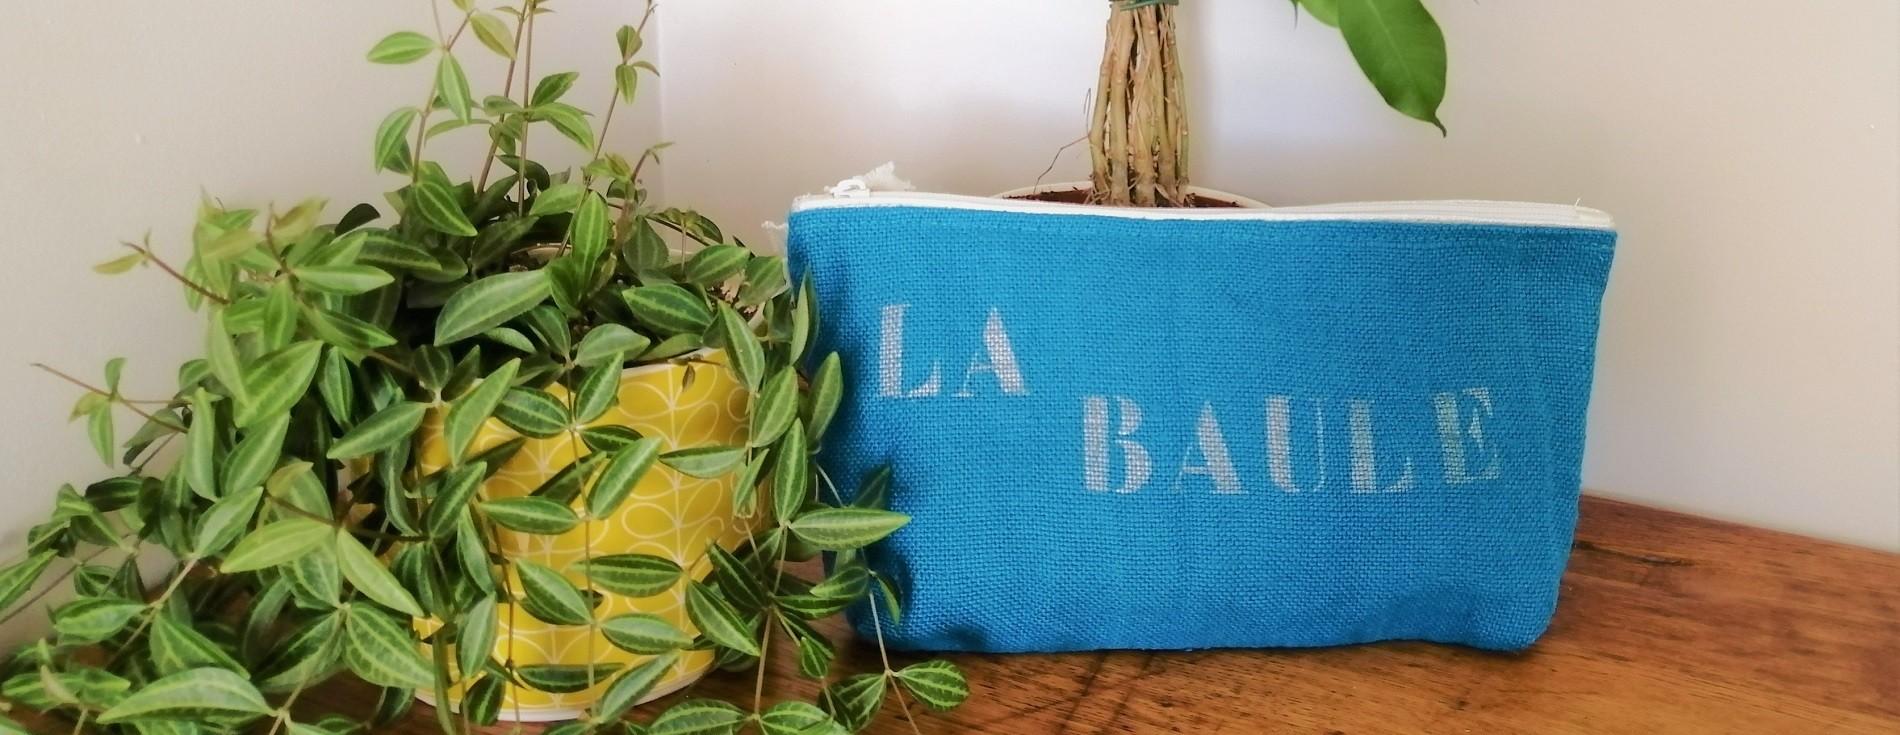 Accessoires - Pochette La Baule - Boutique Office de Tourisme intercommunal La Baule Guérande